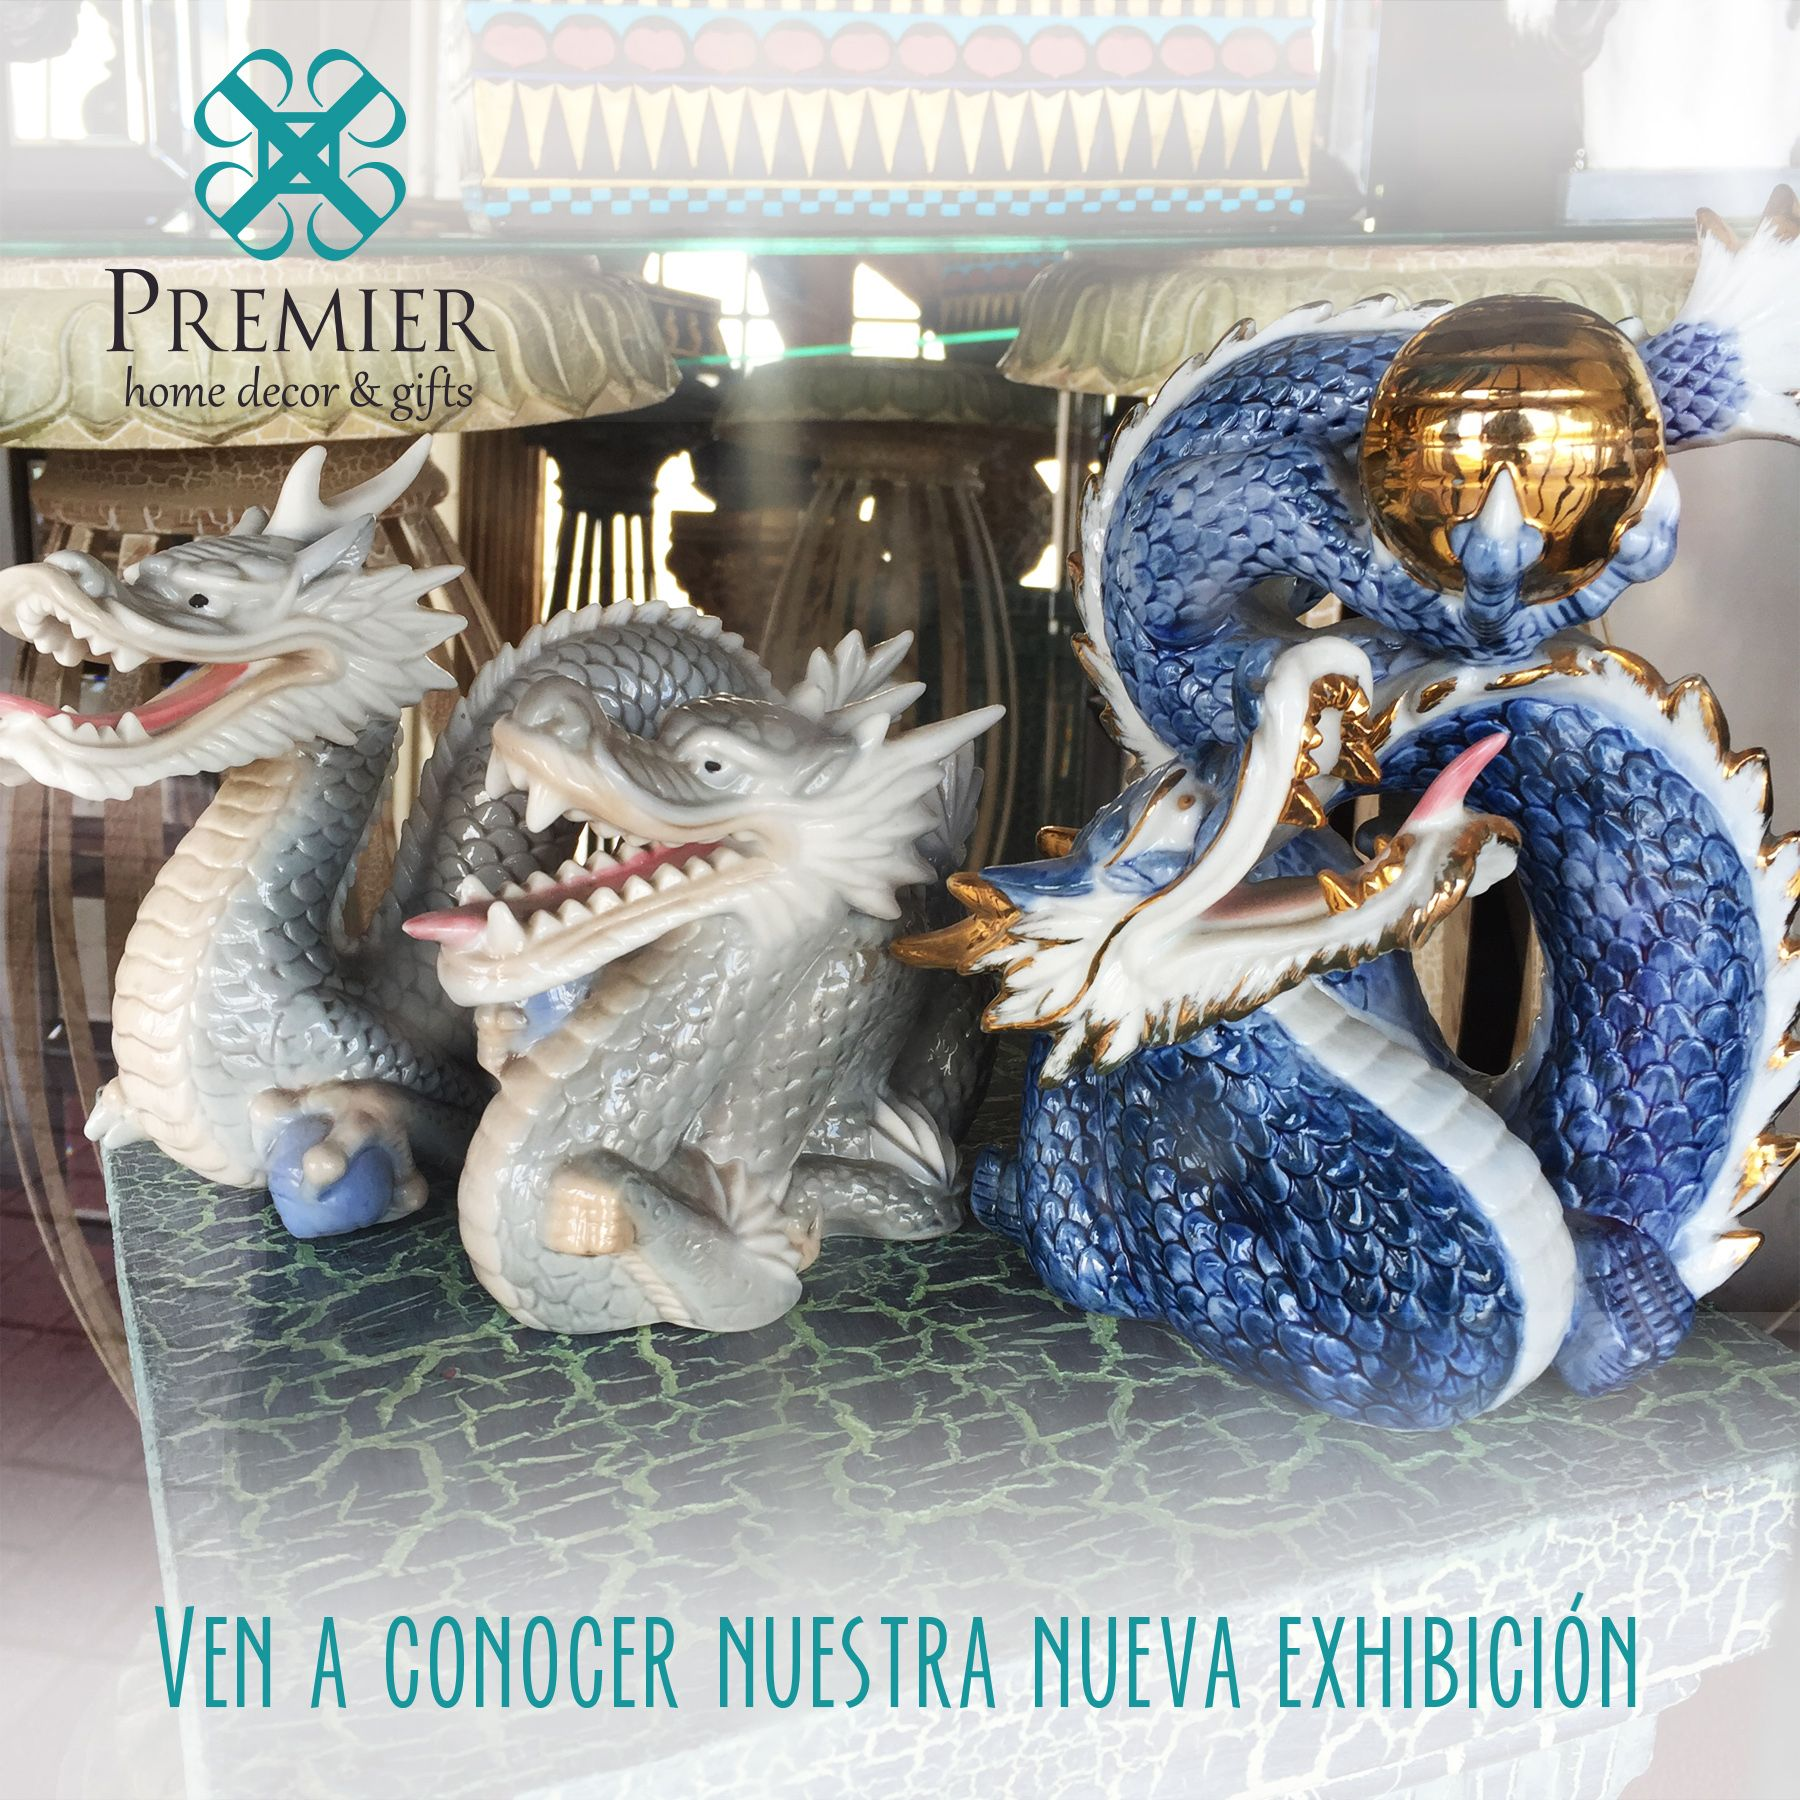 Muchas Cosas Nuevas Llegaron A Premier Home Decor U0026 Gifts, Visítanos Hoy Y  Conócelas.